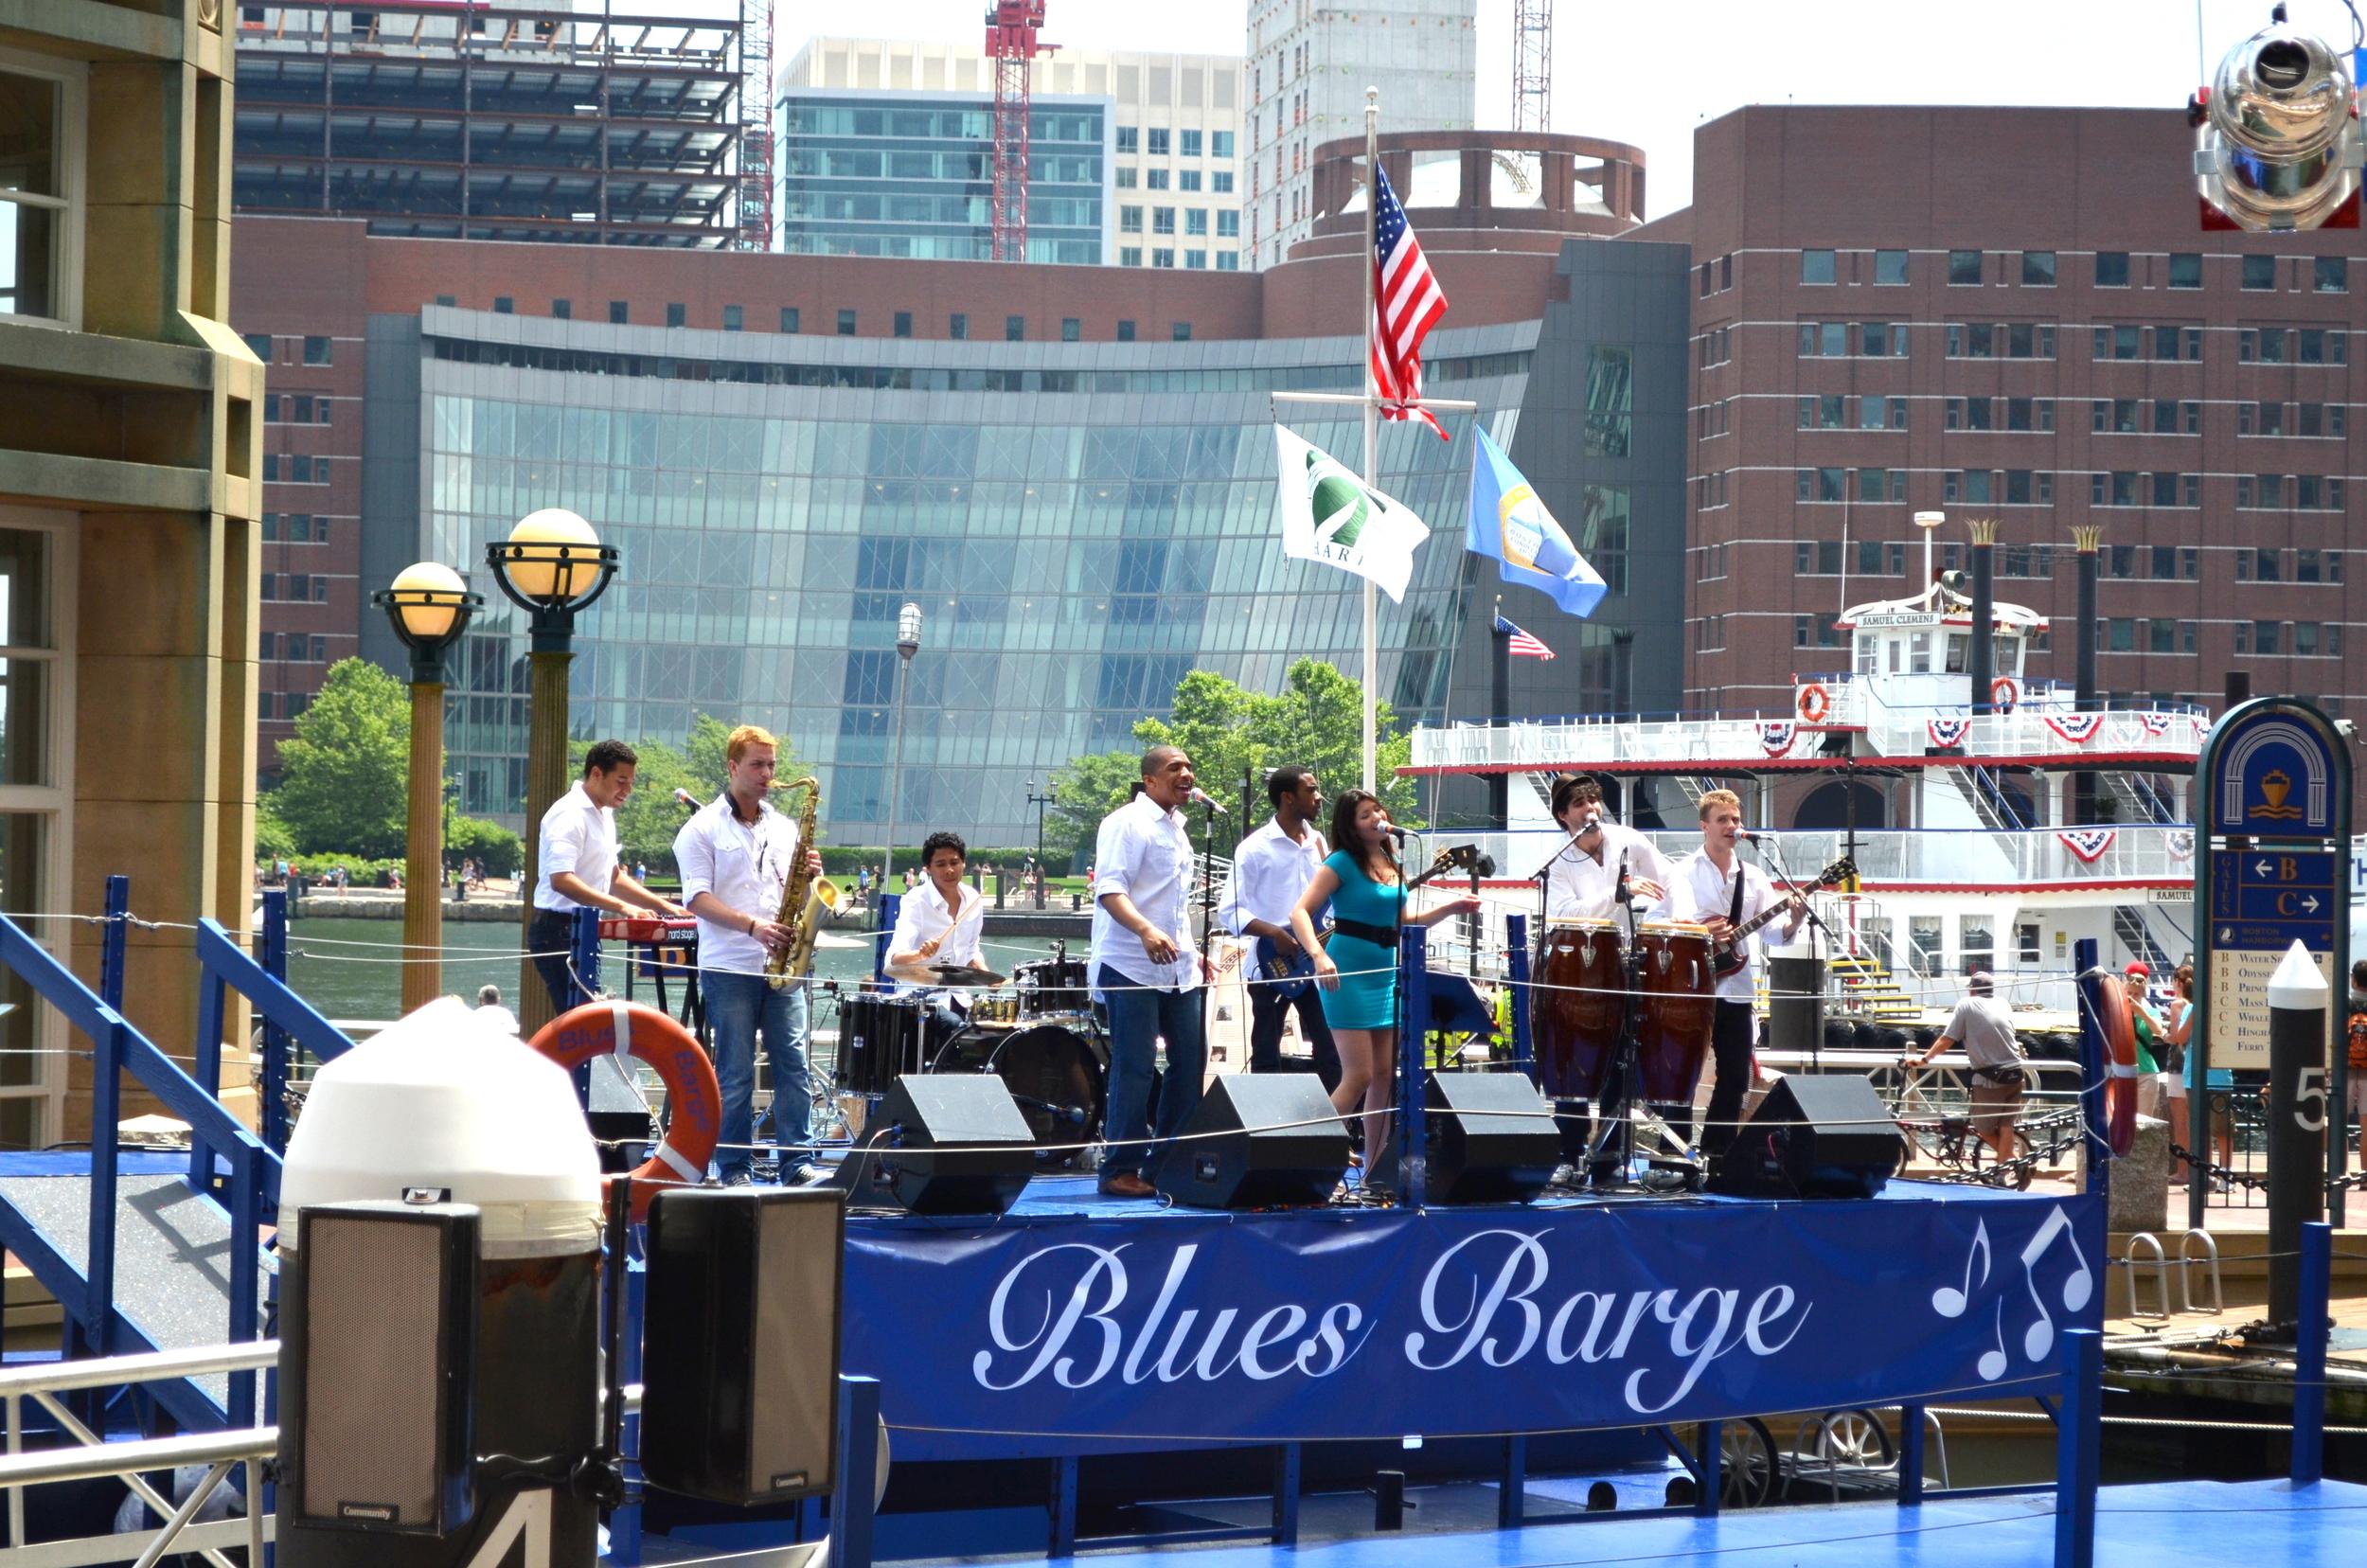 TA blues barge.JPG